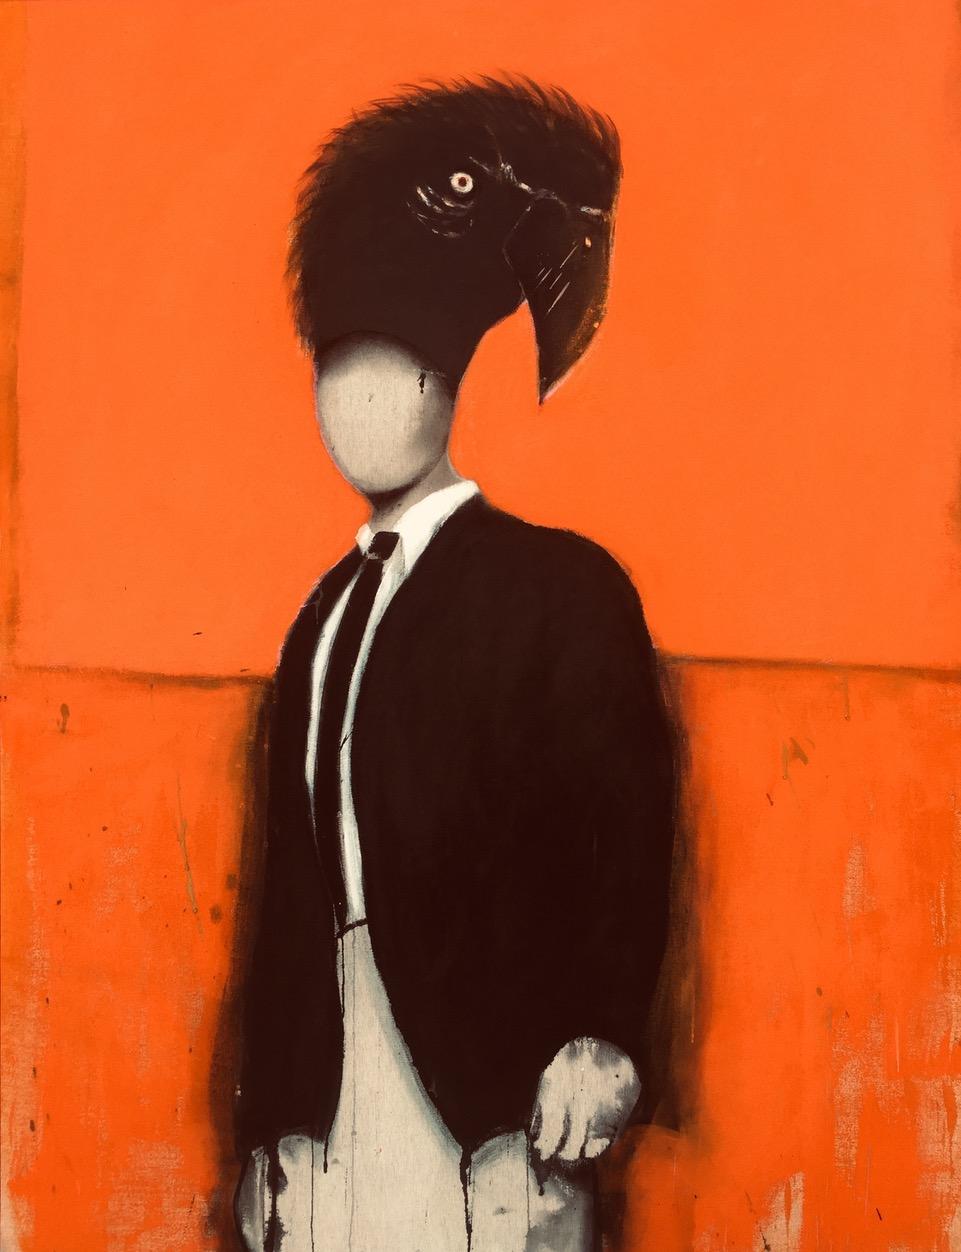 L'homme perroquet © Manu Perez